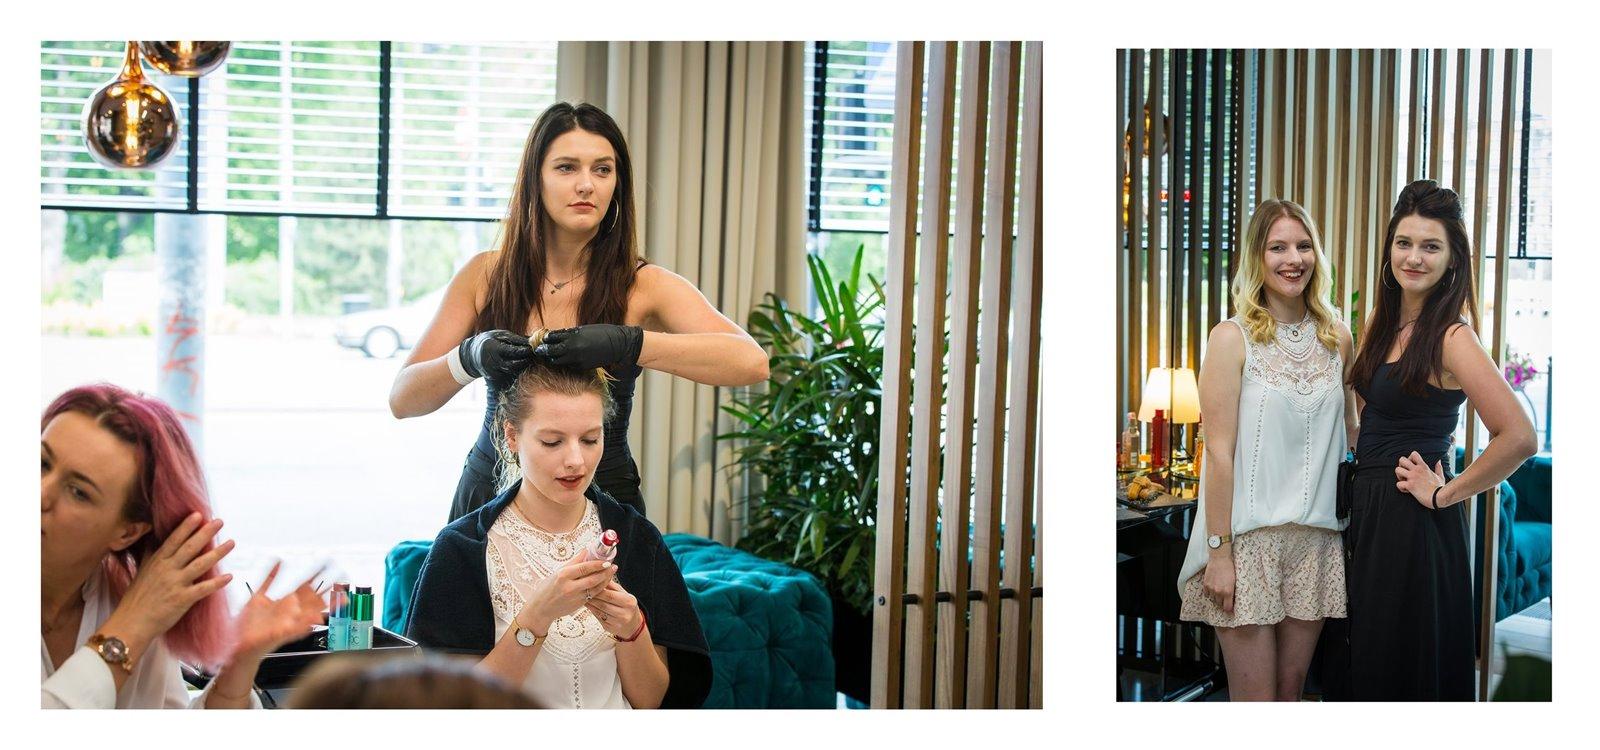 17 salon fryzjerski luisse łódź najlepszy fryzjer w łodzi gdzie pofarbować włosy w łodzi schwarzkopf opinia pielęgnacja bc fibre clinix booster na czym polega ile kosztuje cena